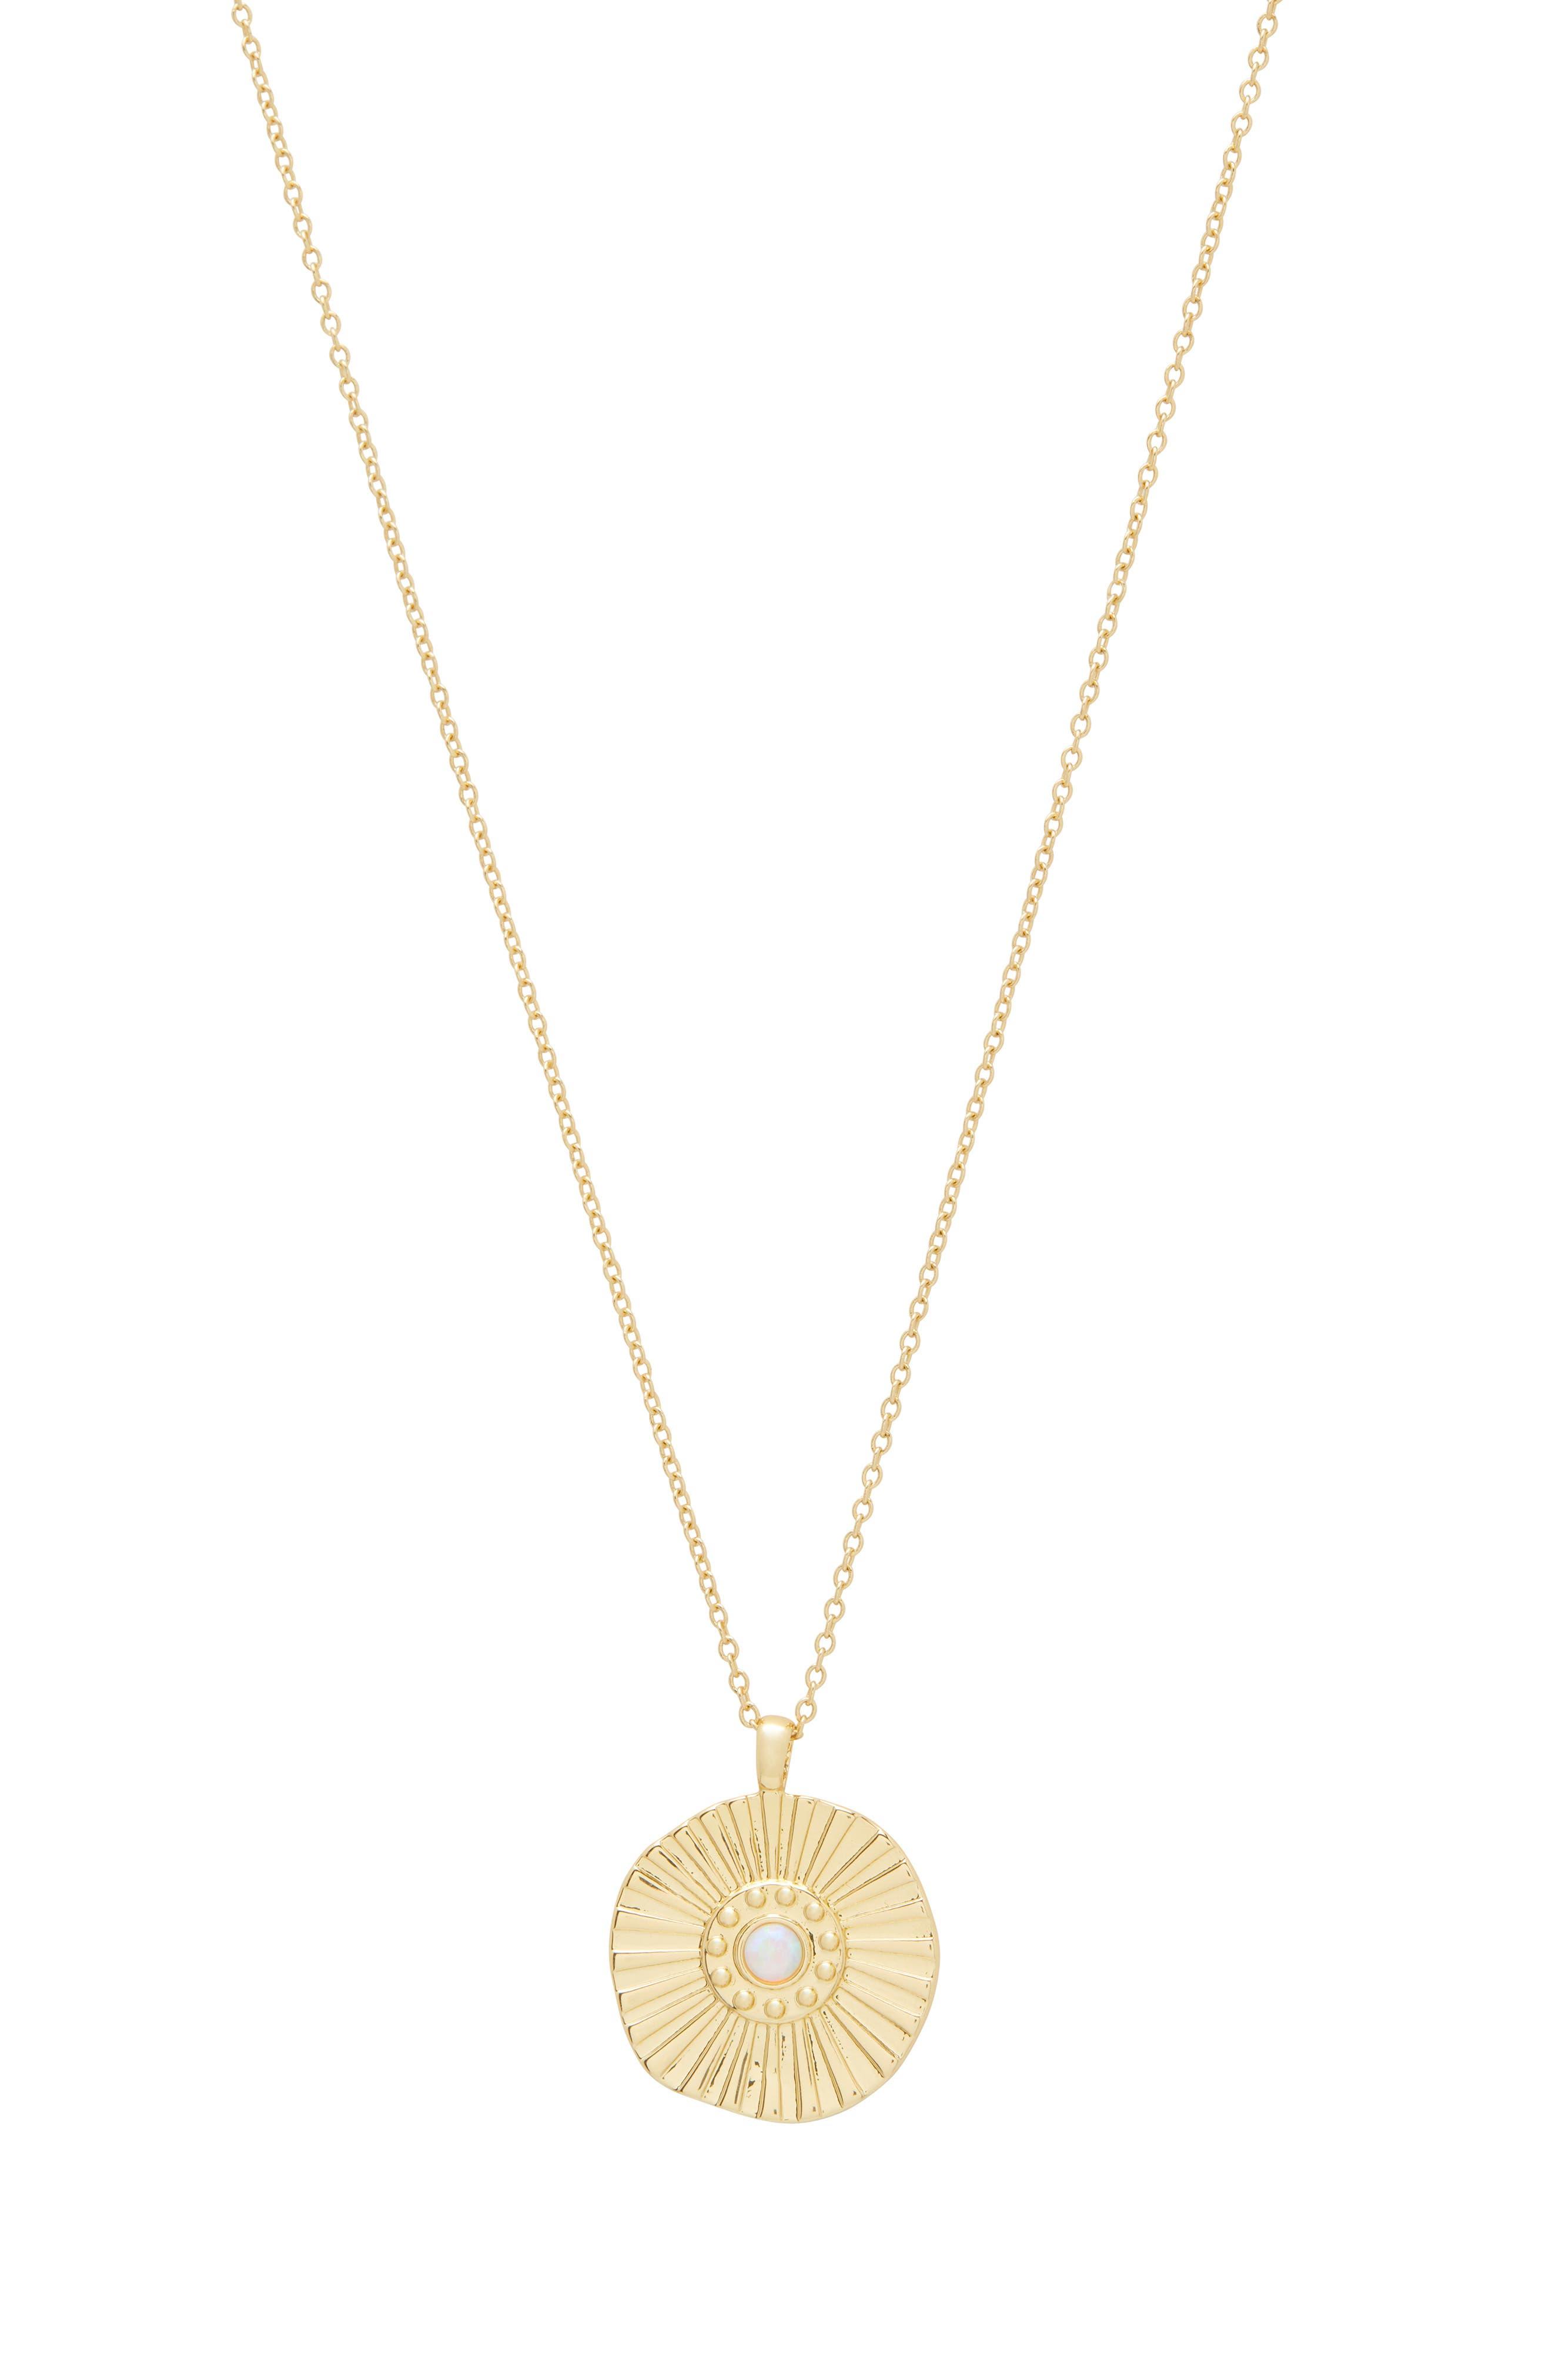 Sunburst Coin Pendant Necklace